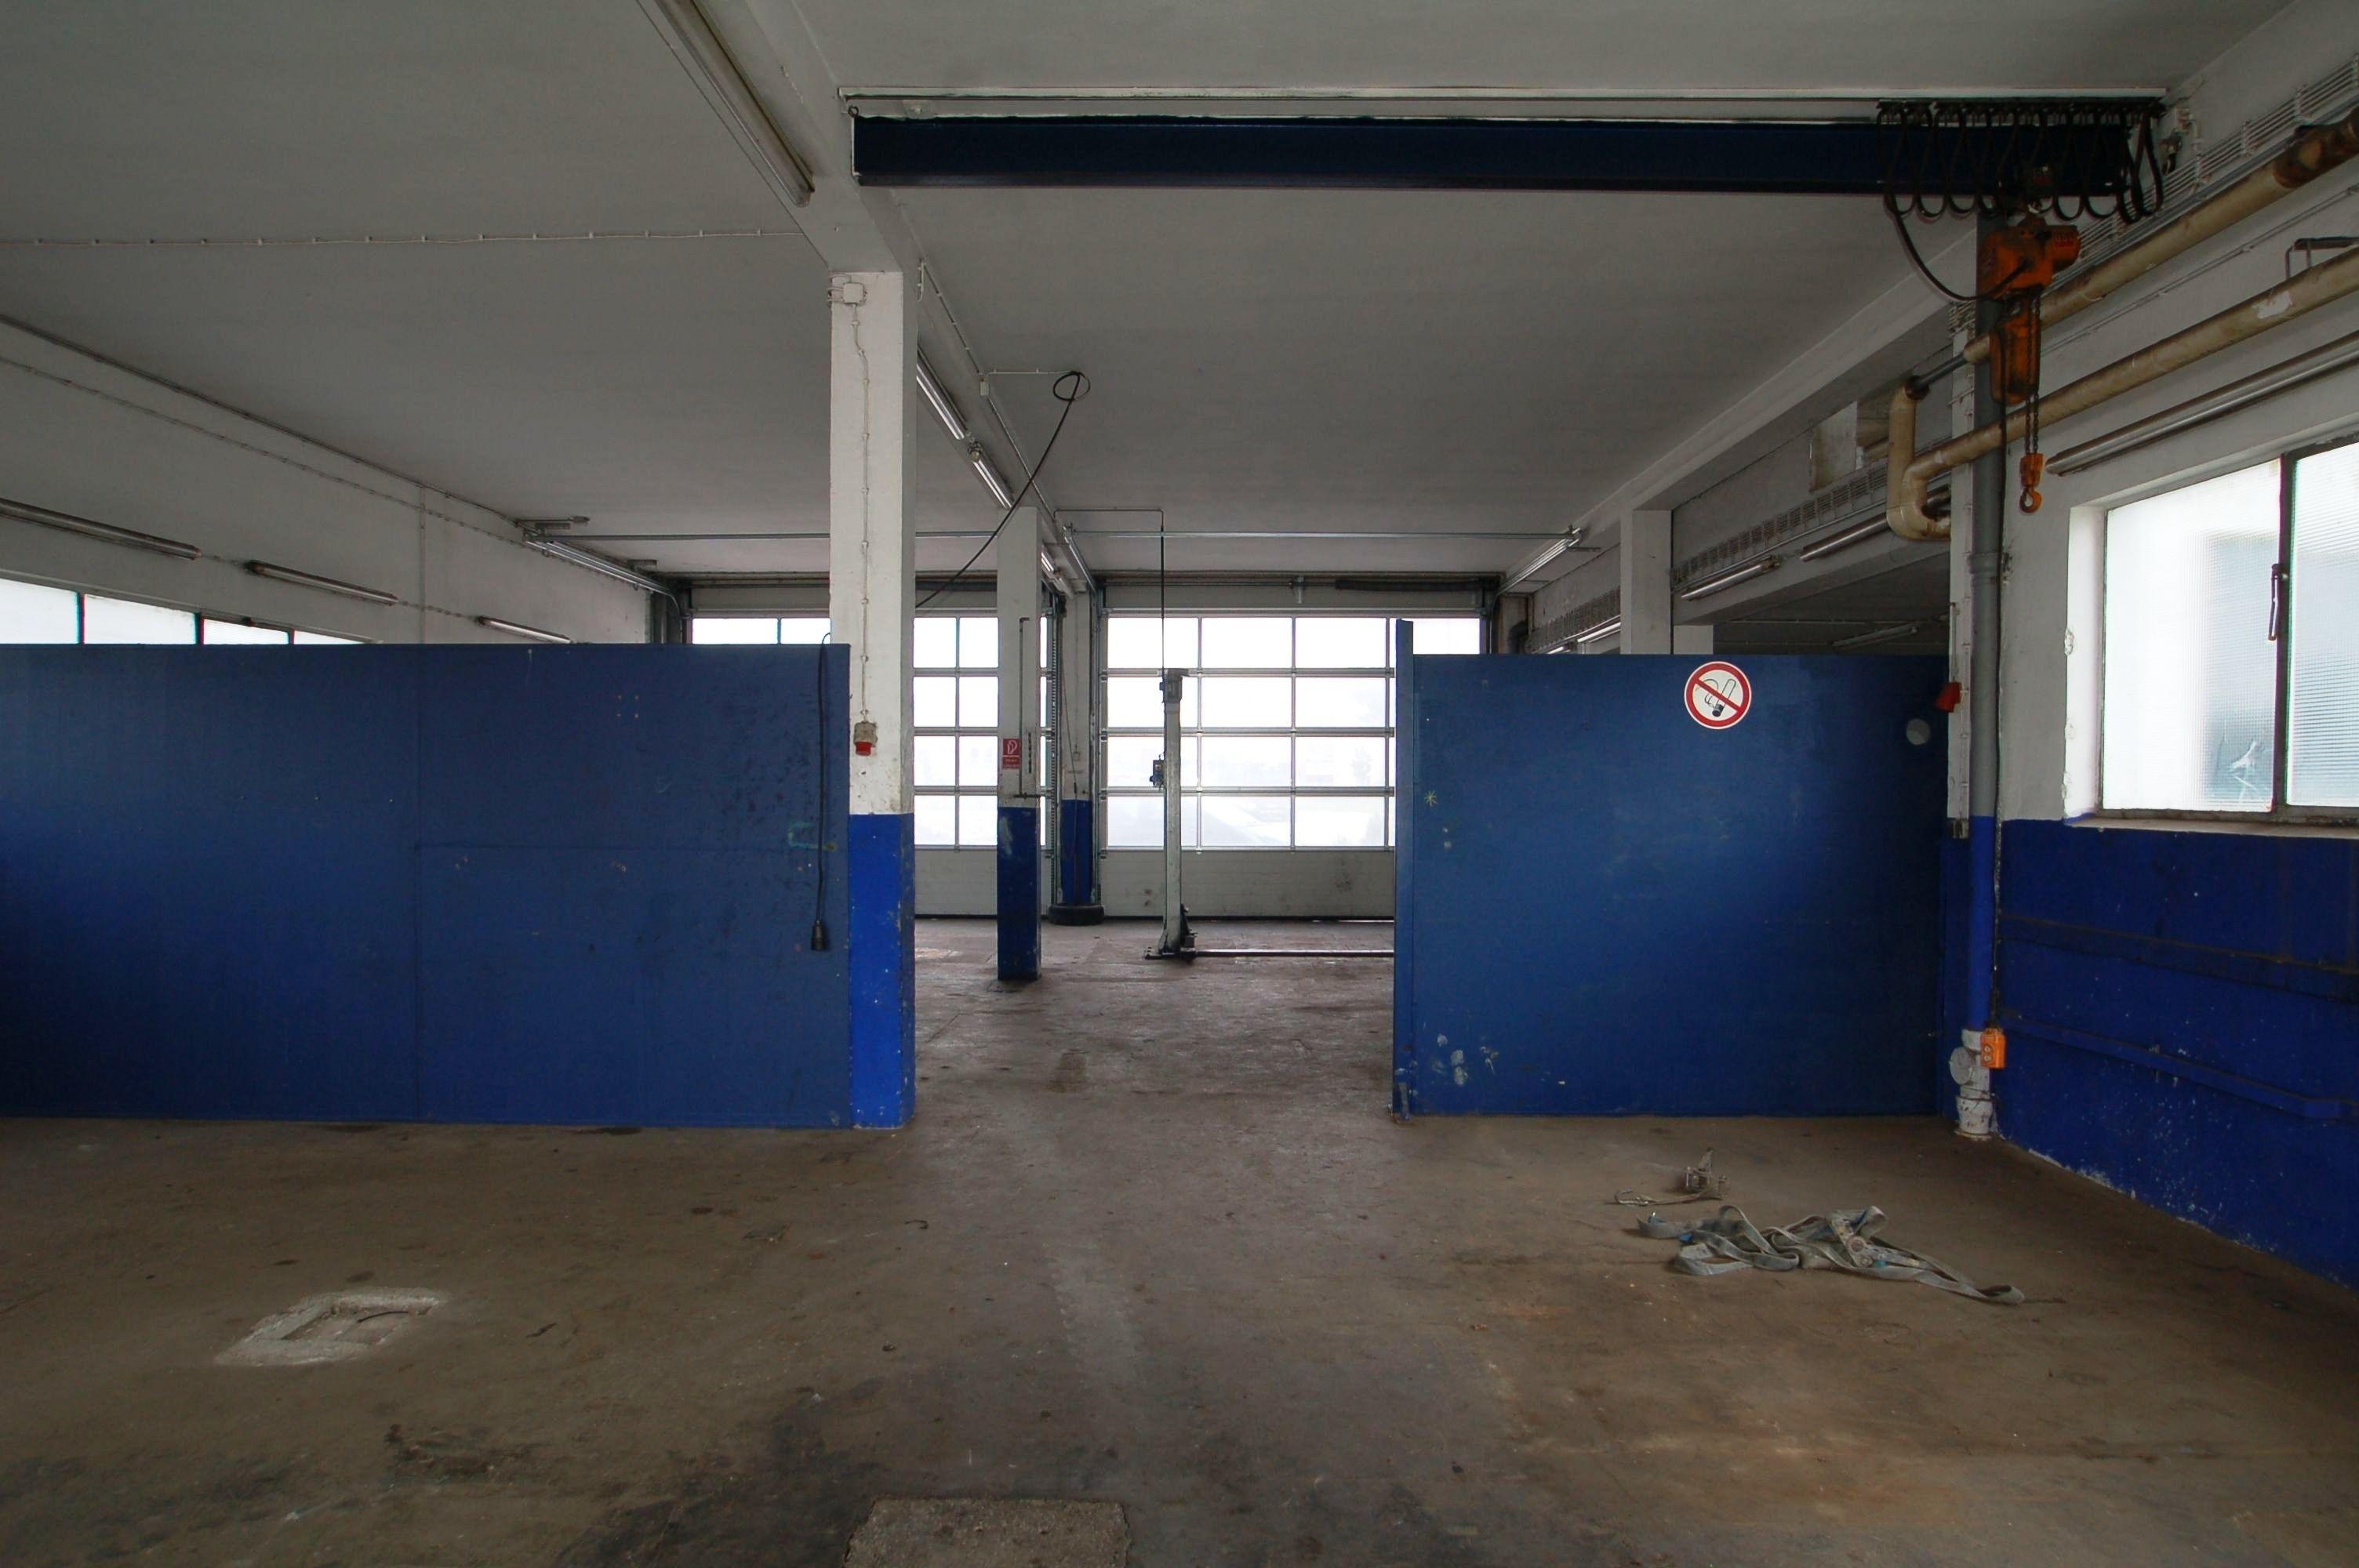 Halle mit 2 großen Rolltoren